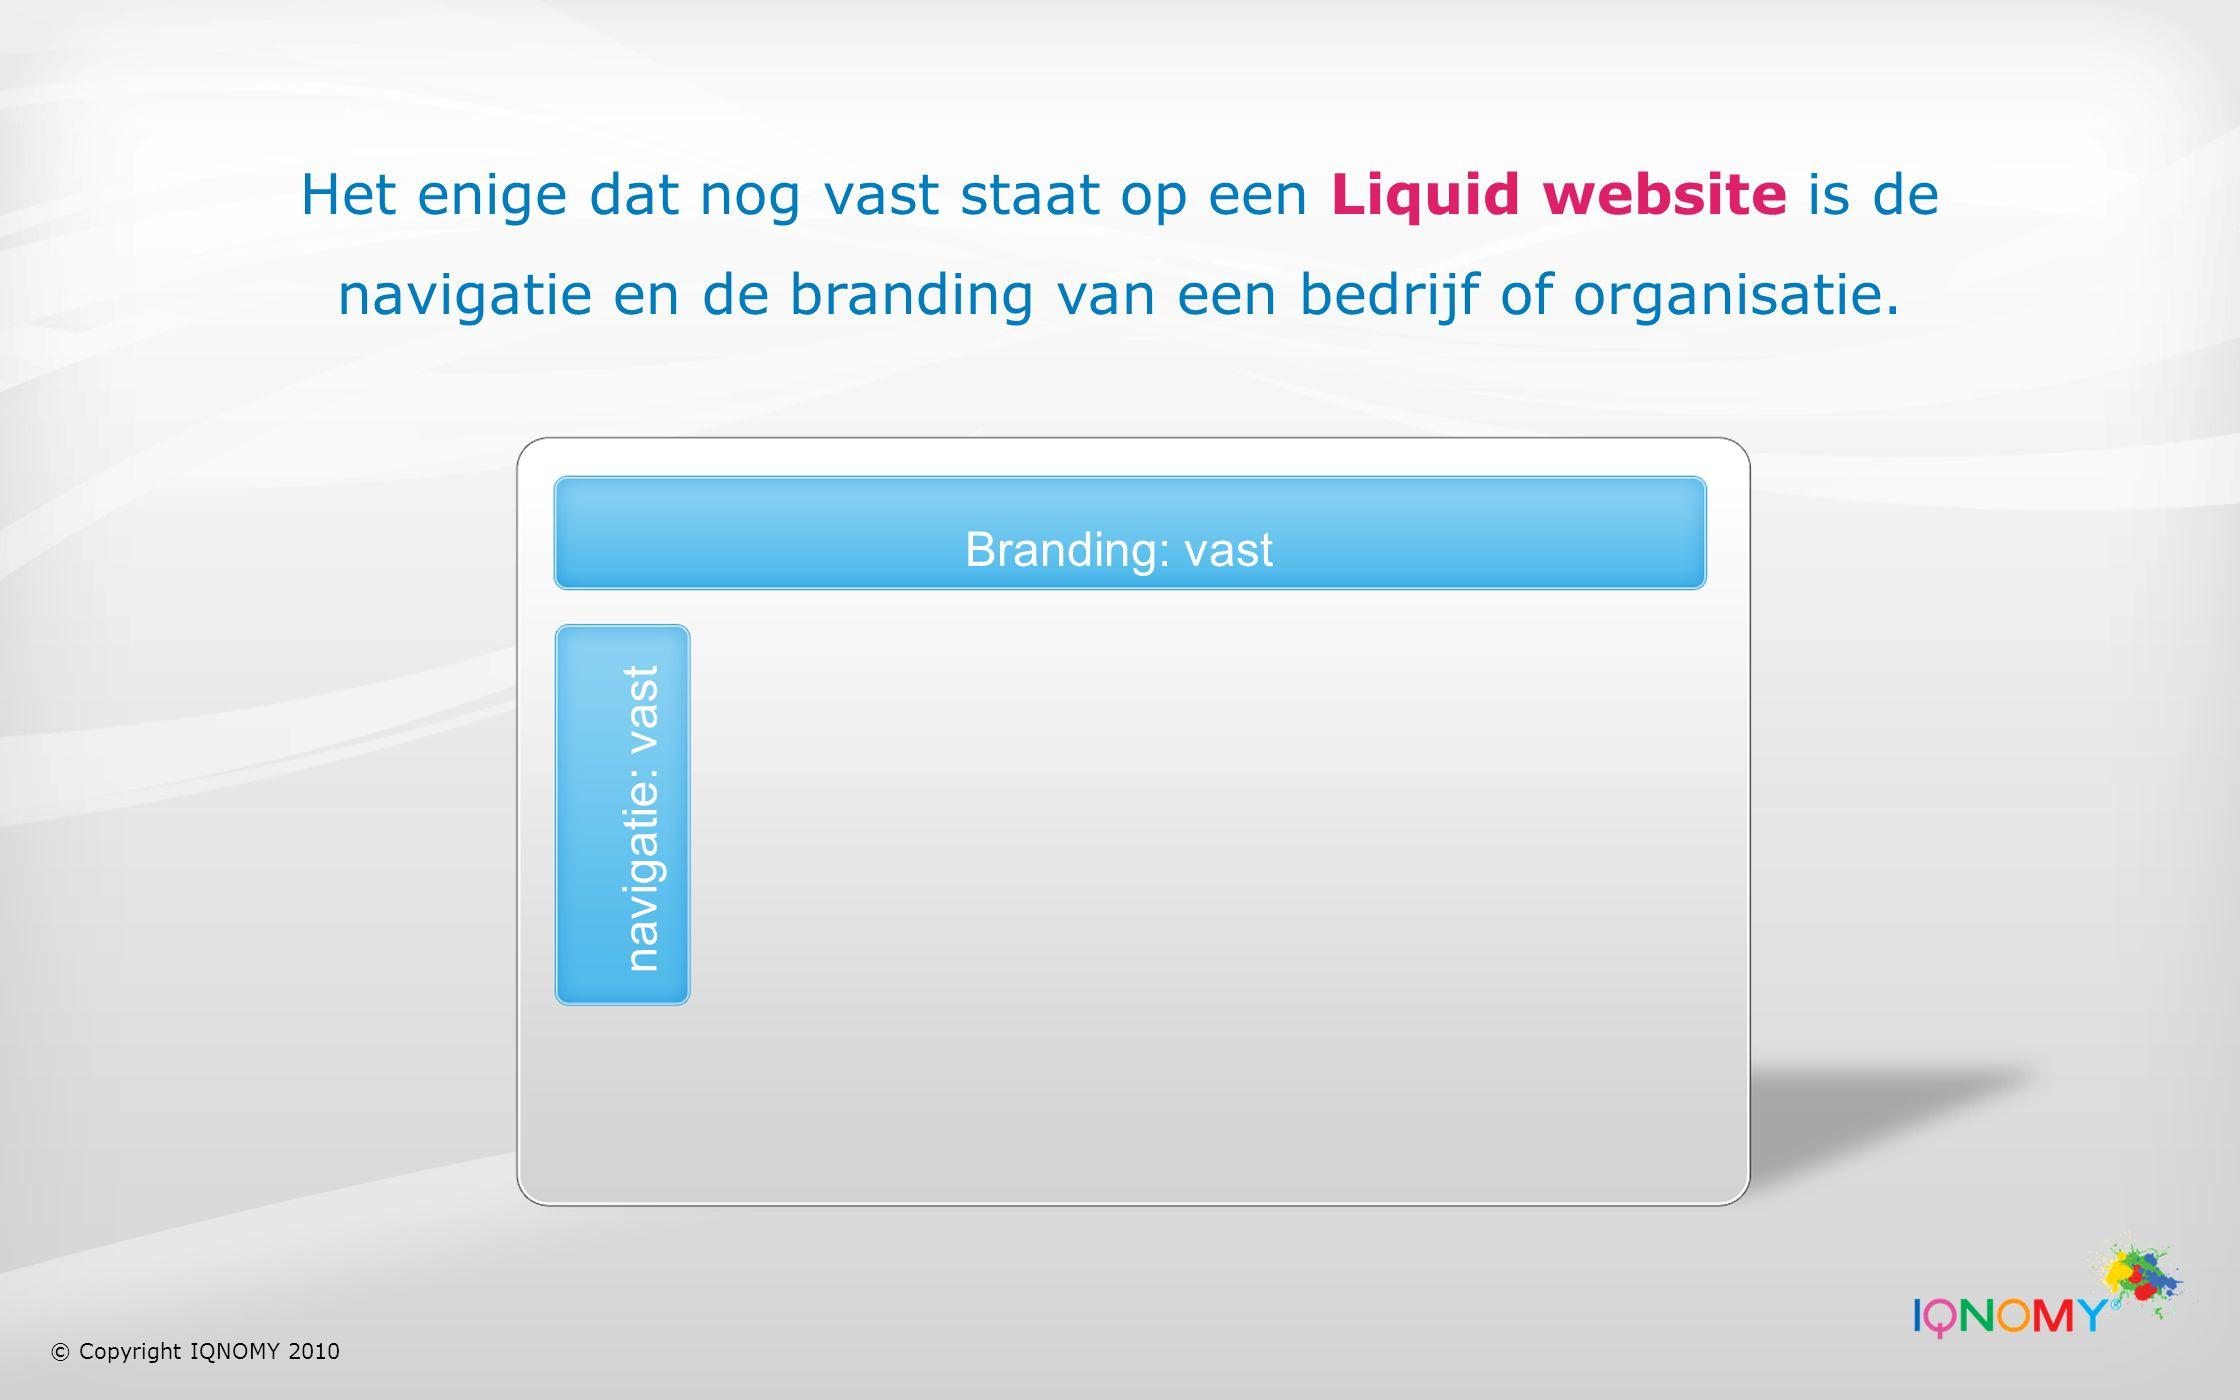 De rest van de website bestaat uit zogenaamde Liquid Content.